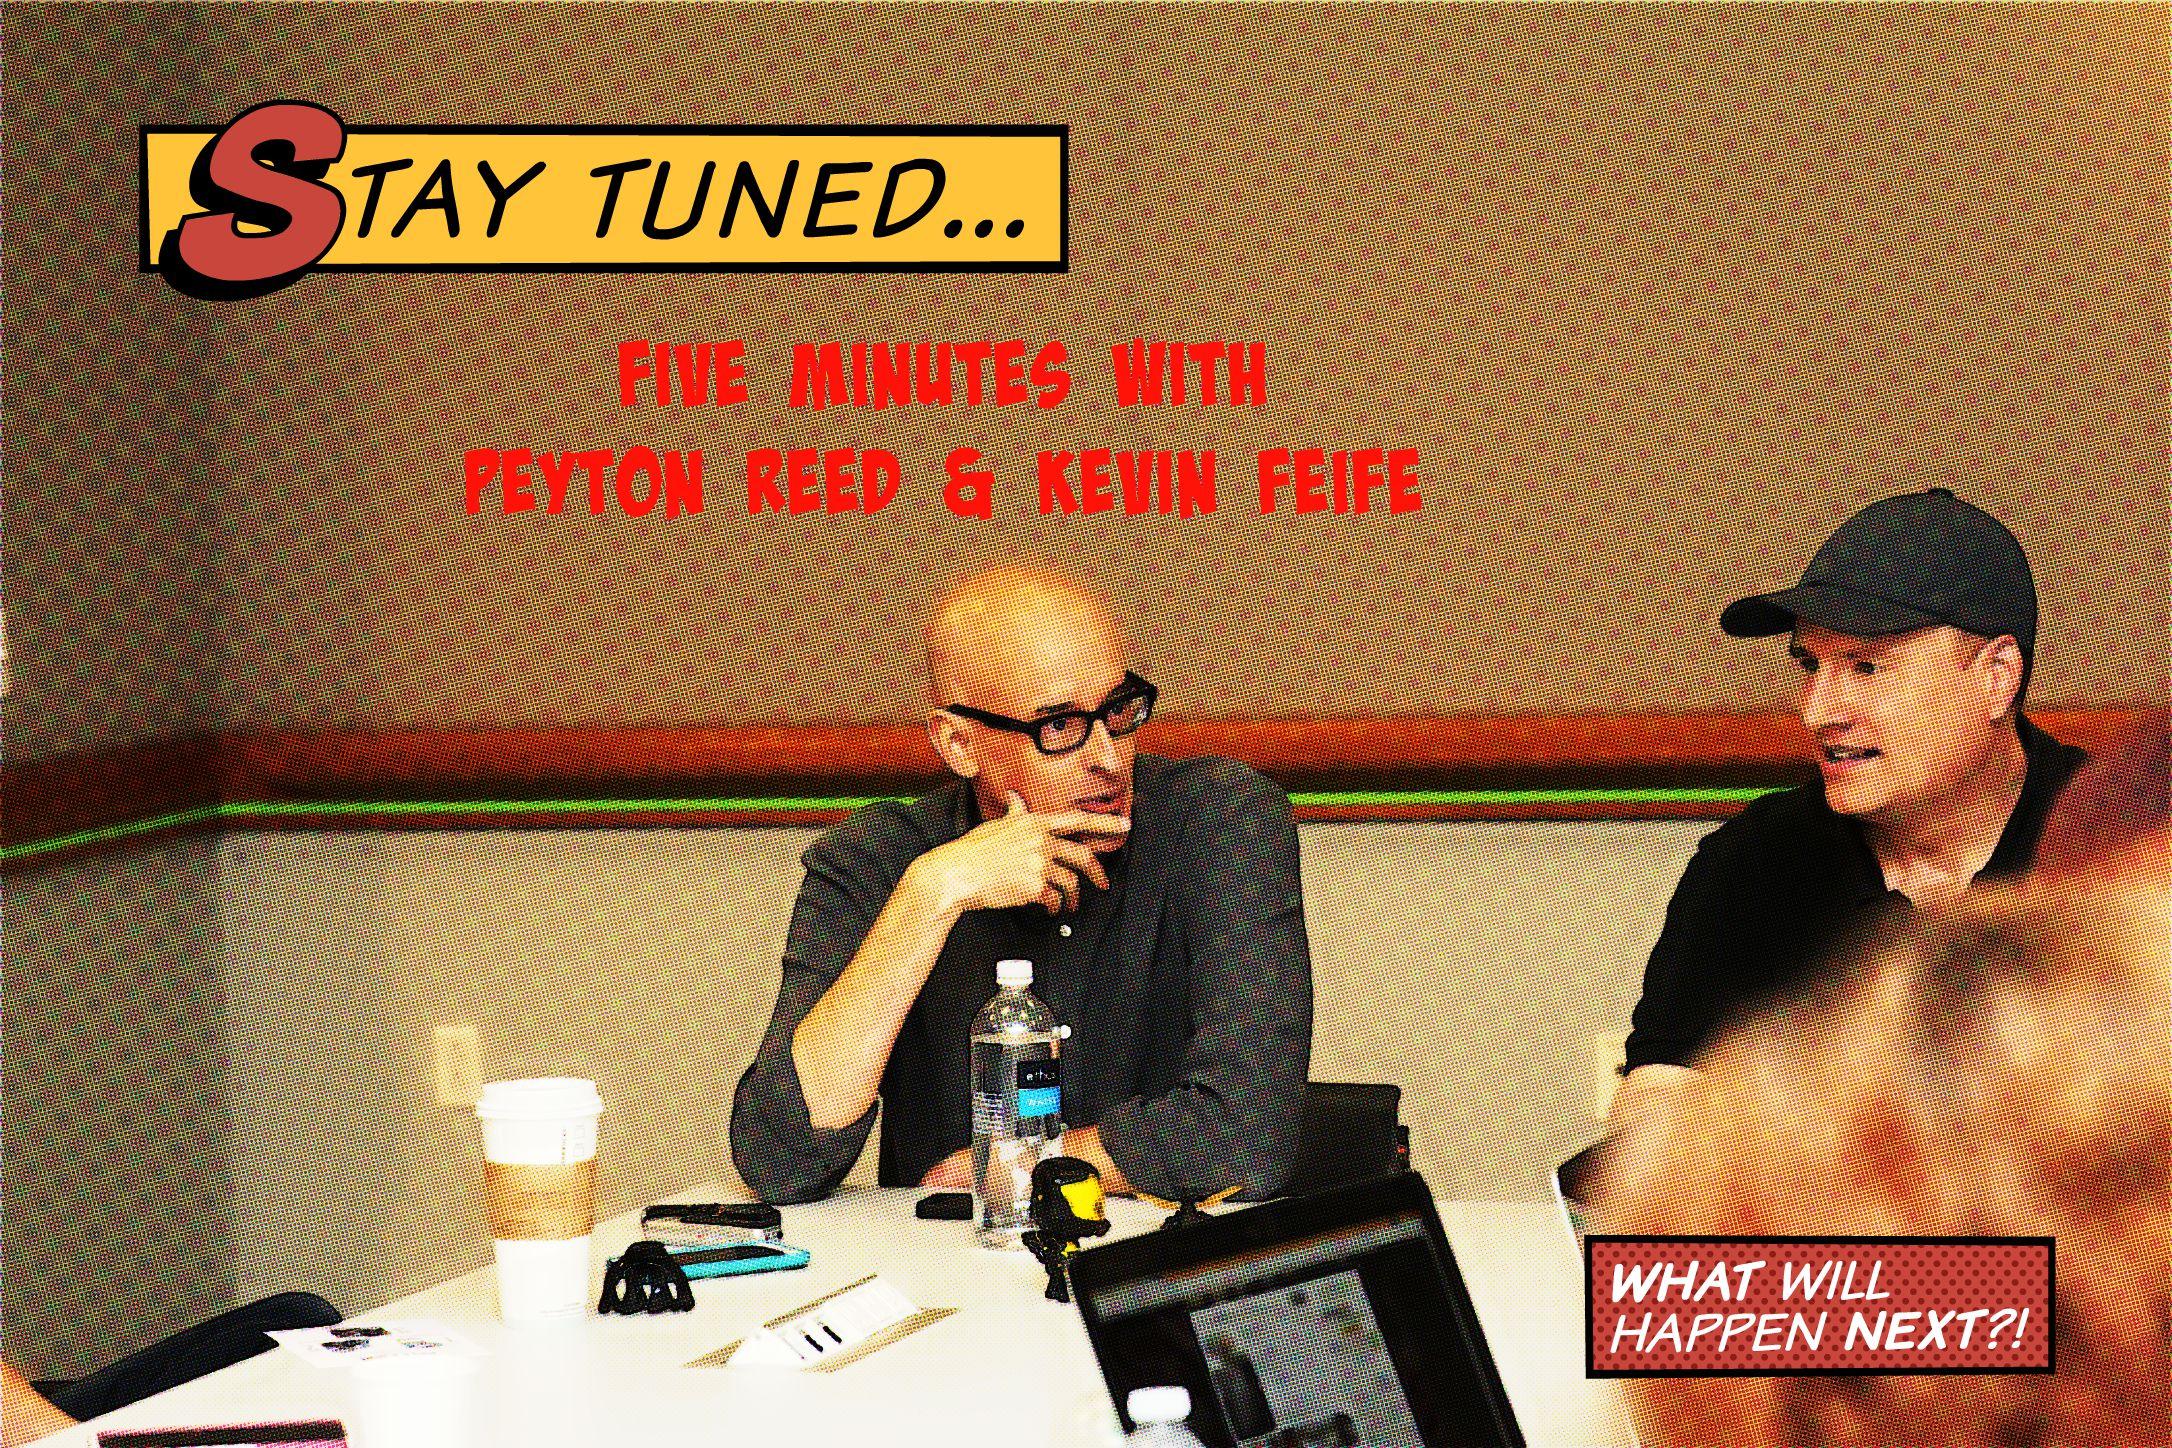 Peyton & Kevin main